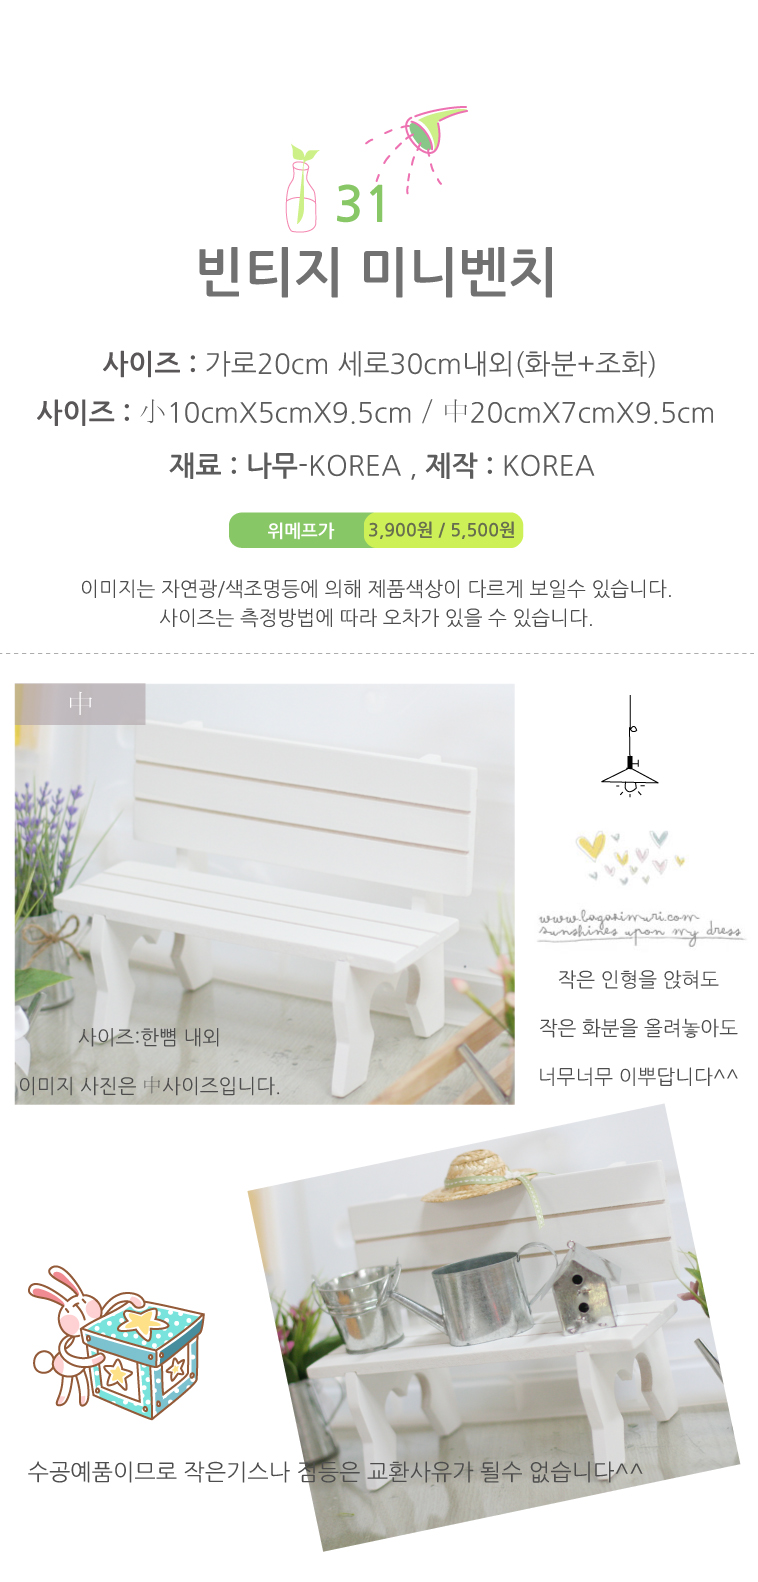 땡처리특가! 가든소품&조화모음전 - 상세정보